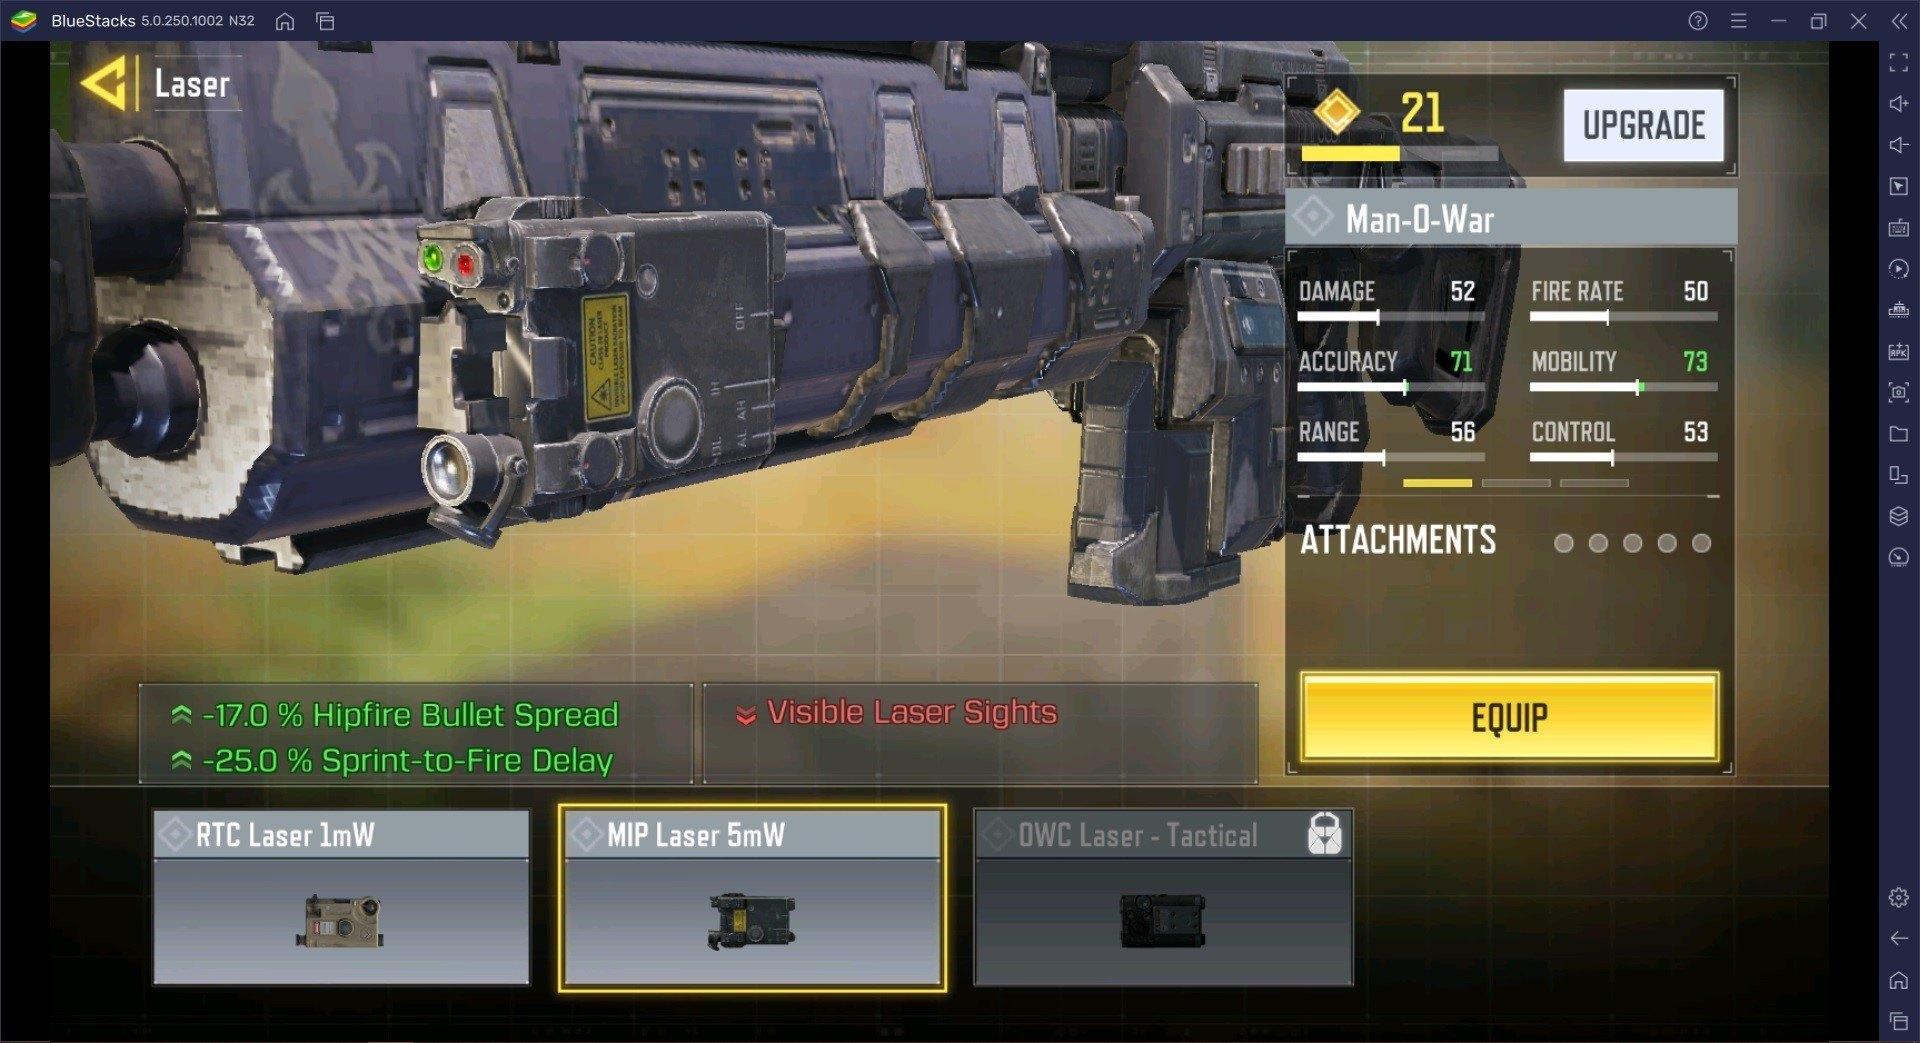 دليل سلاح Man-O-War  في لعبة Call of Duty: Mobile للموسم الخامس